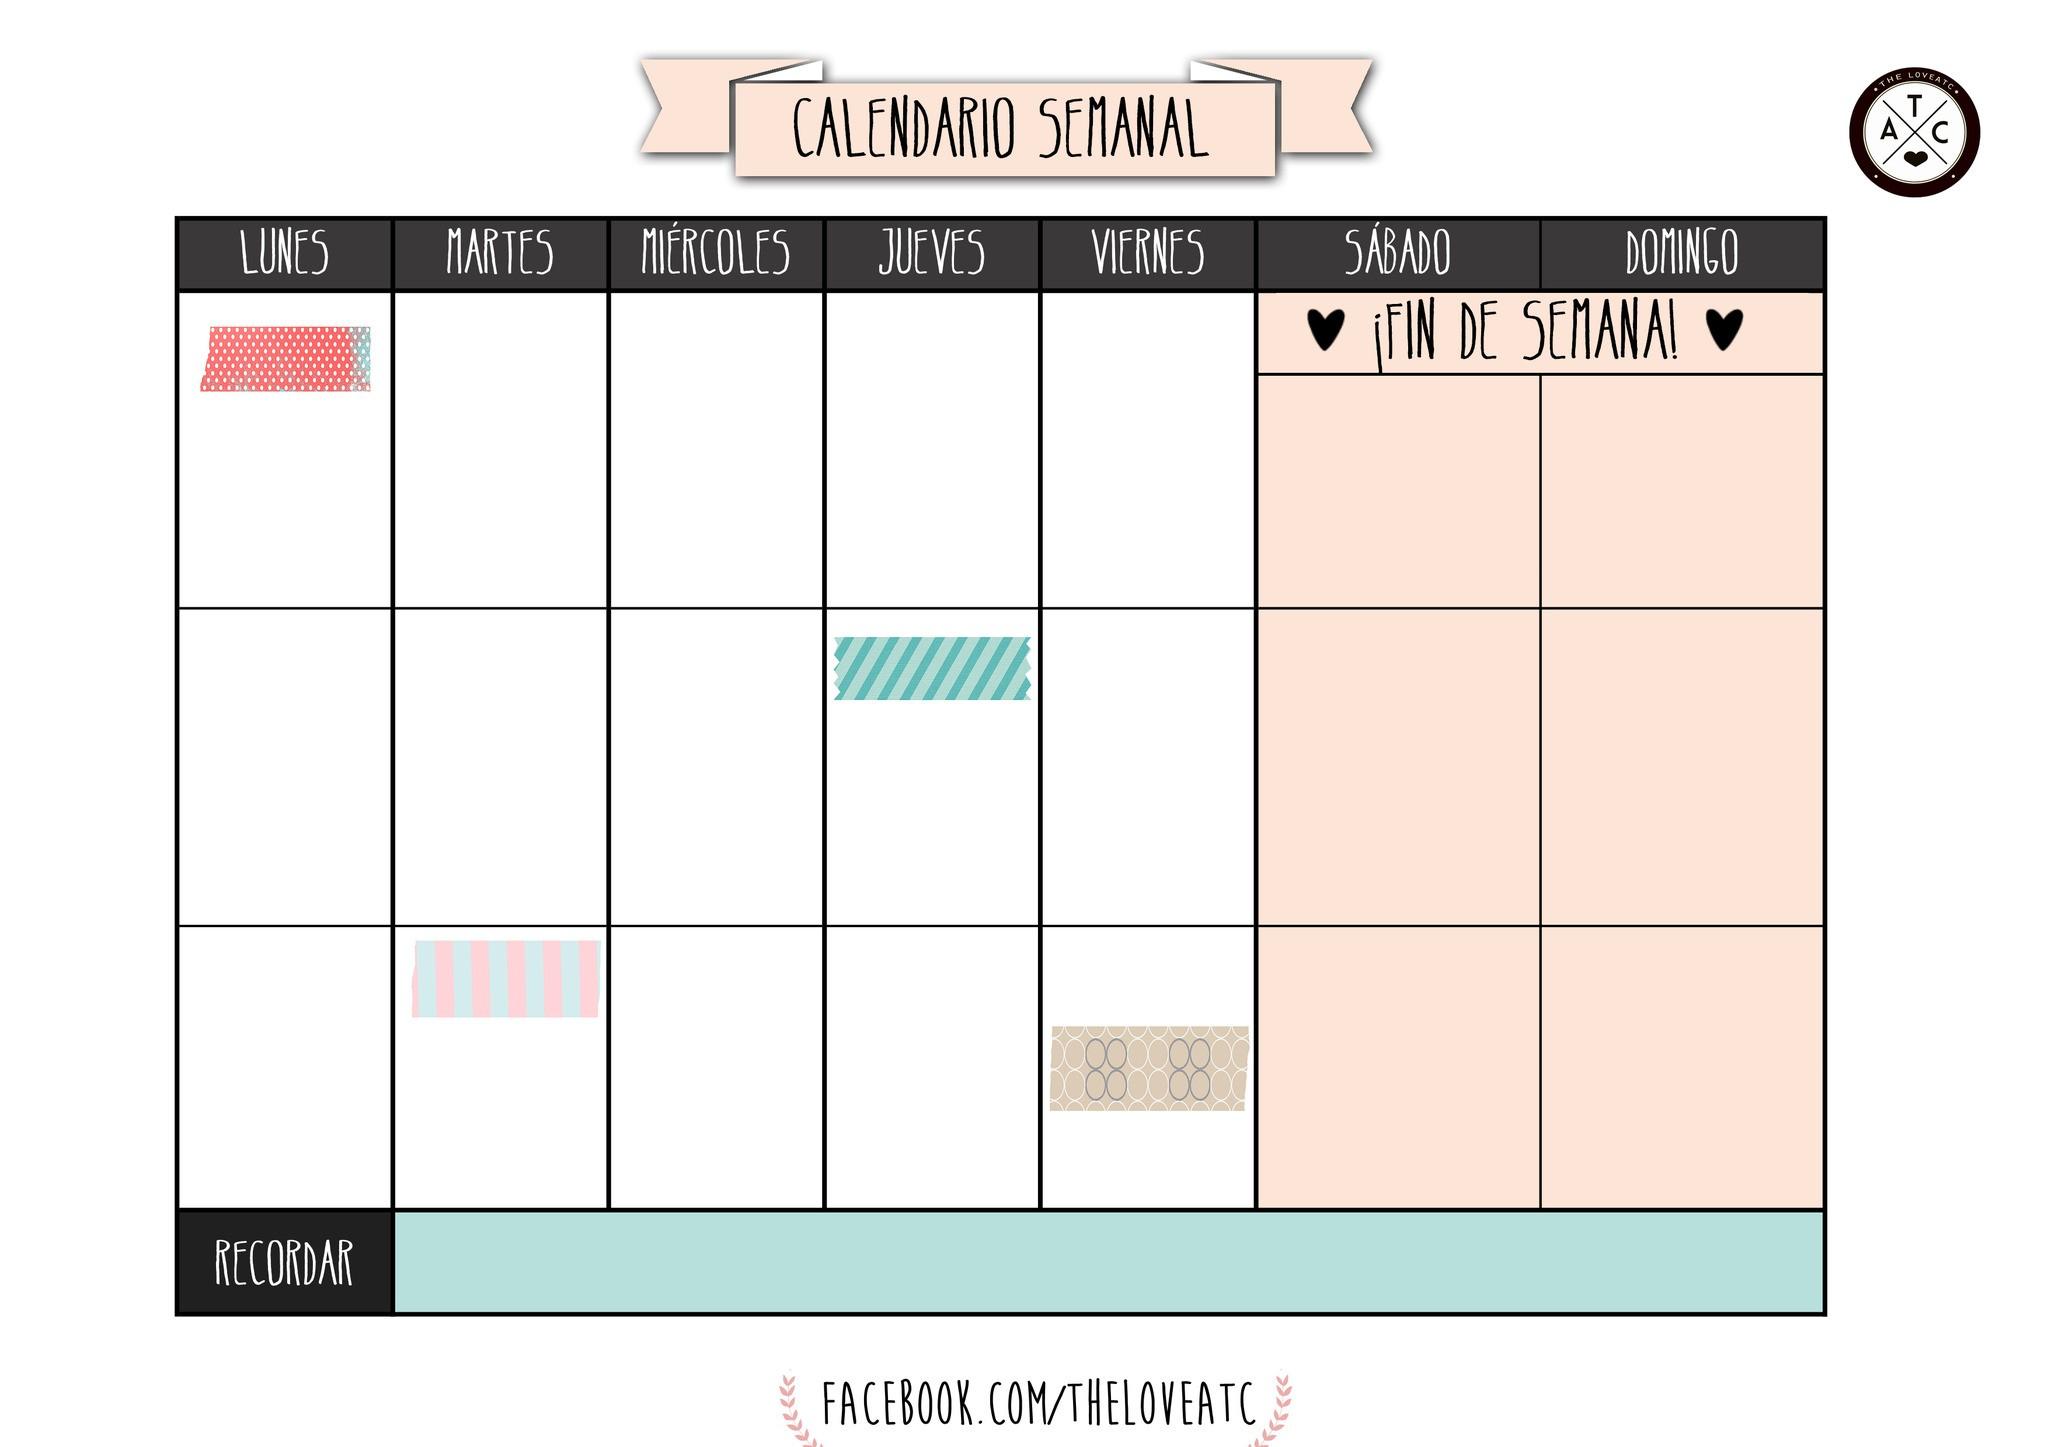 Imprimir Un Calendario De Mes Más Populares Vuelta Al Cole 2017 100 Plantillas Y Horarios Gratis Para Of Imprimir Un Calendario De Mes Más Reciente Calendario 2019 Colorido 2 Estilos Agendas